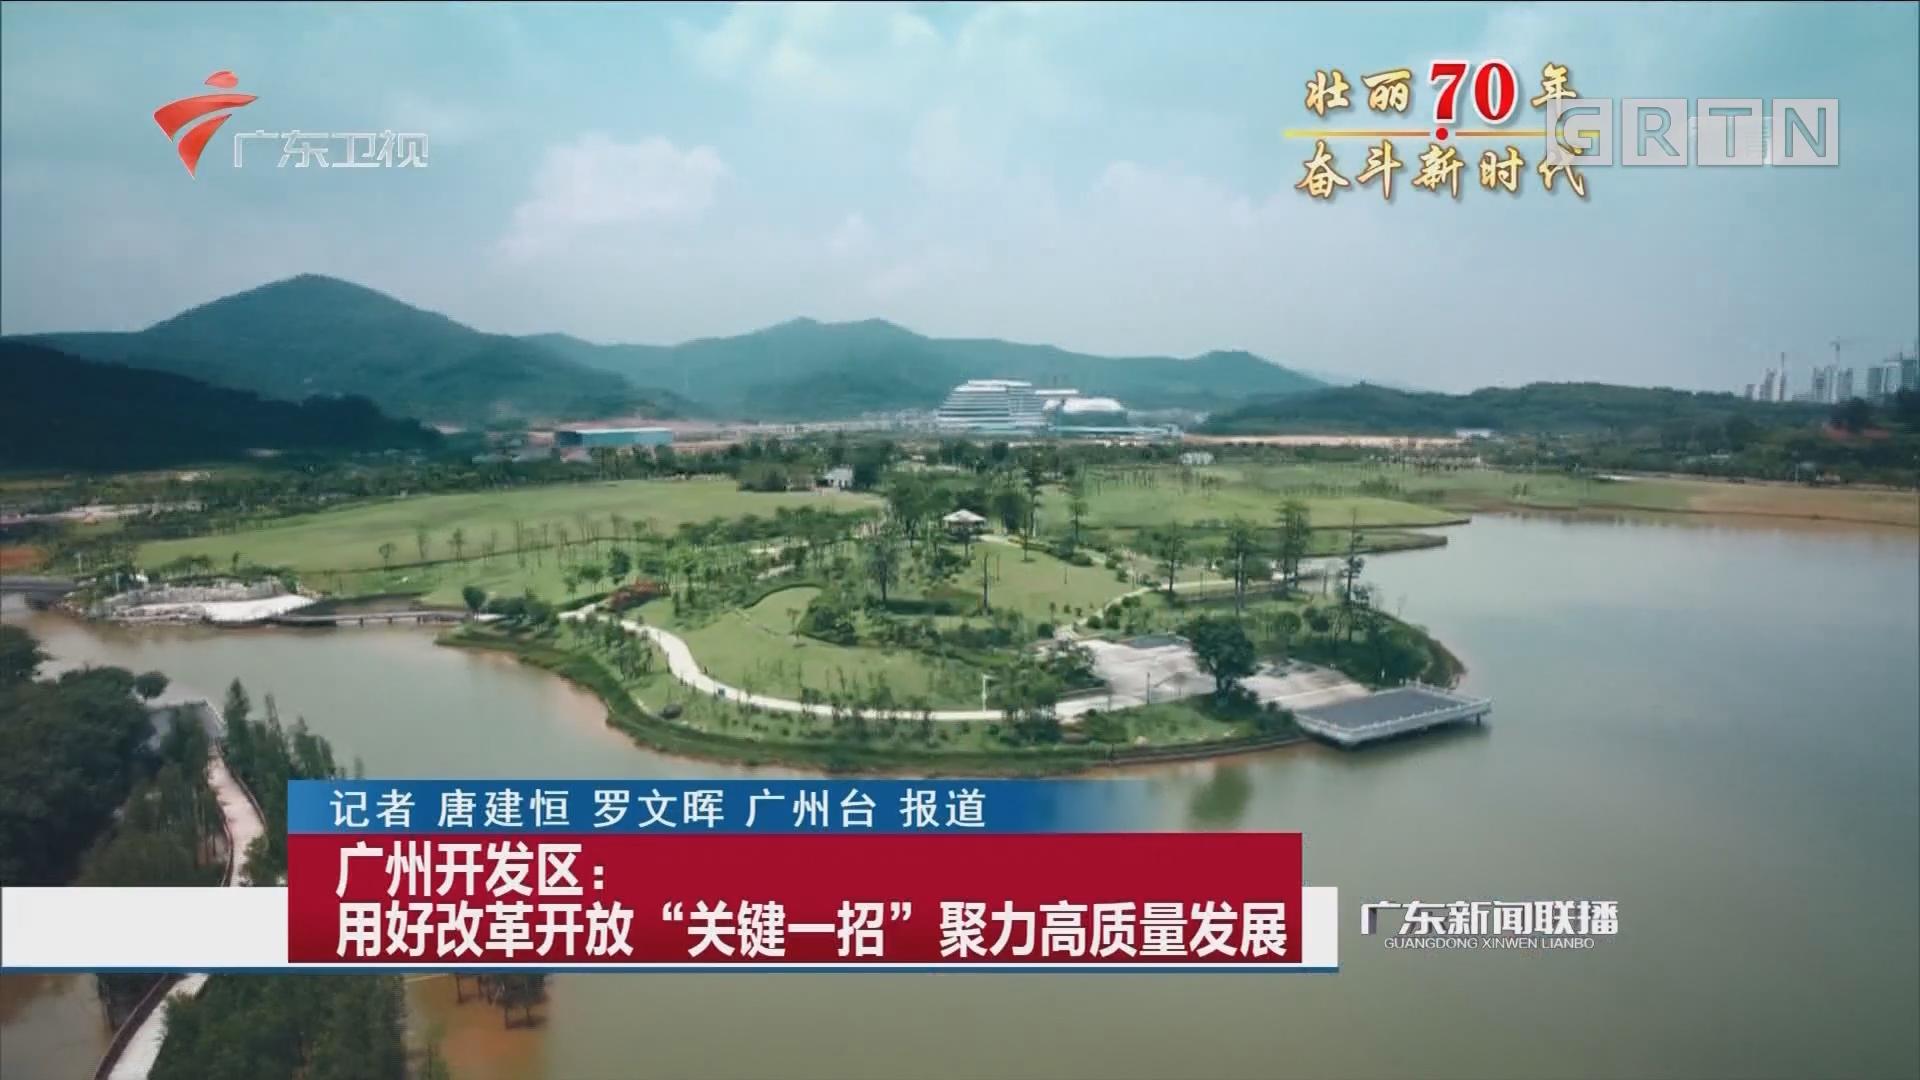 """广州开发区:用好改革开放""""关键一招""""聚力高质量发展"""